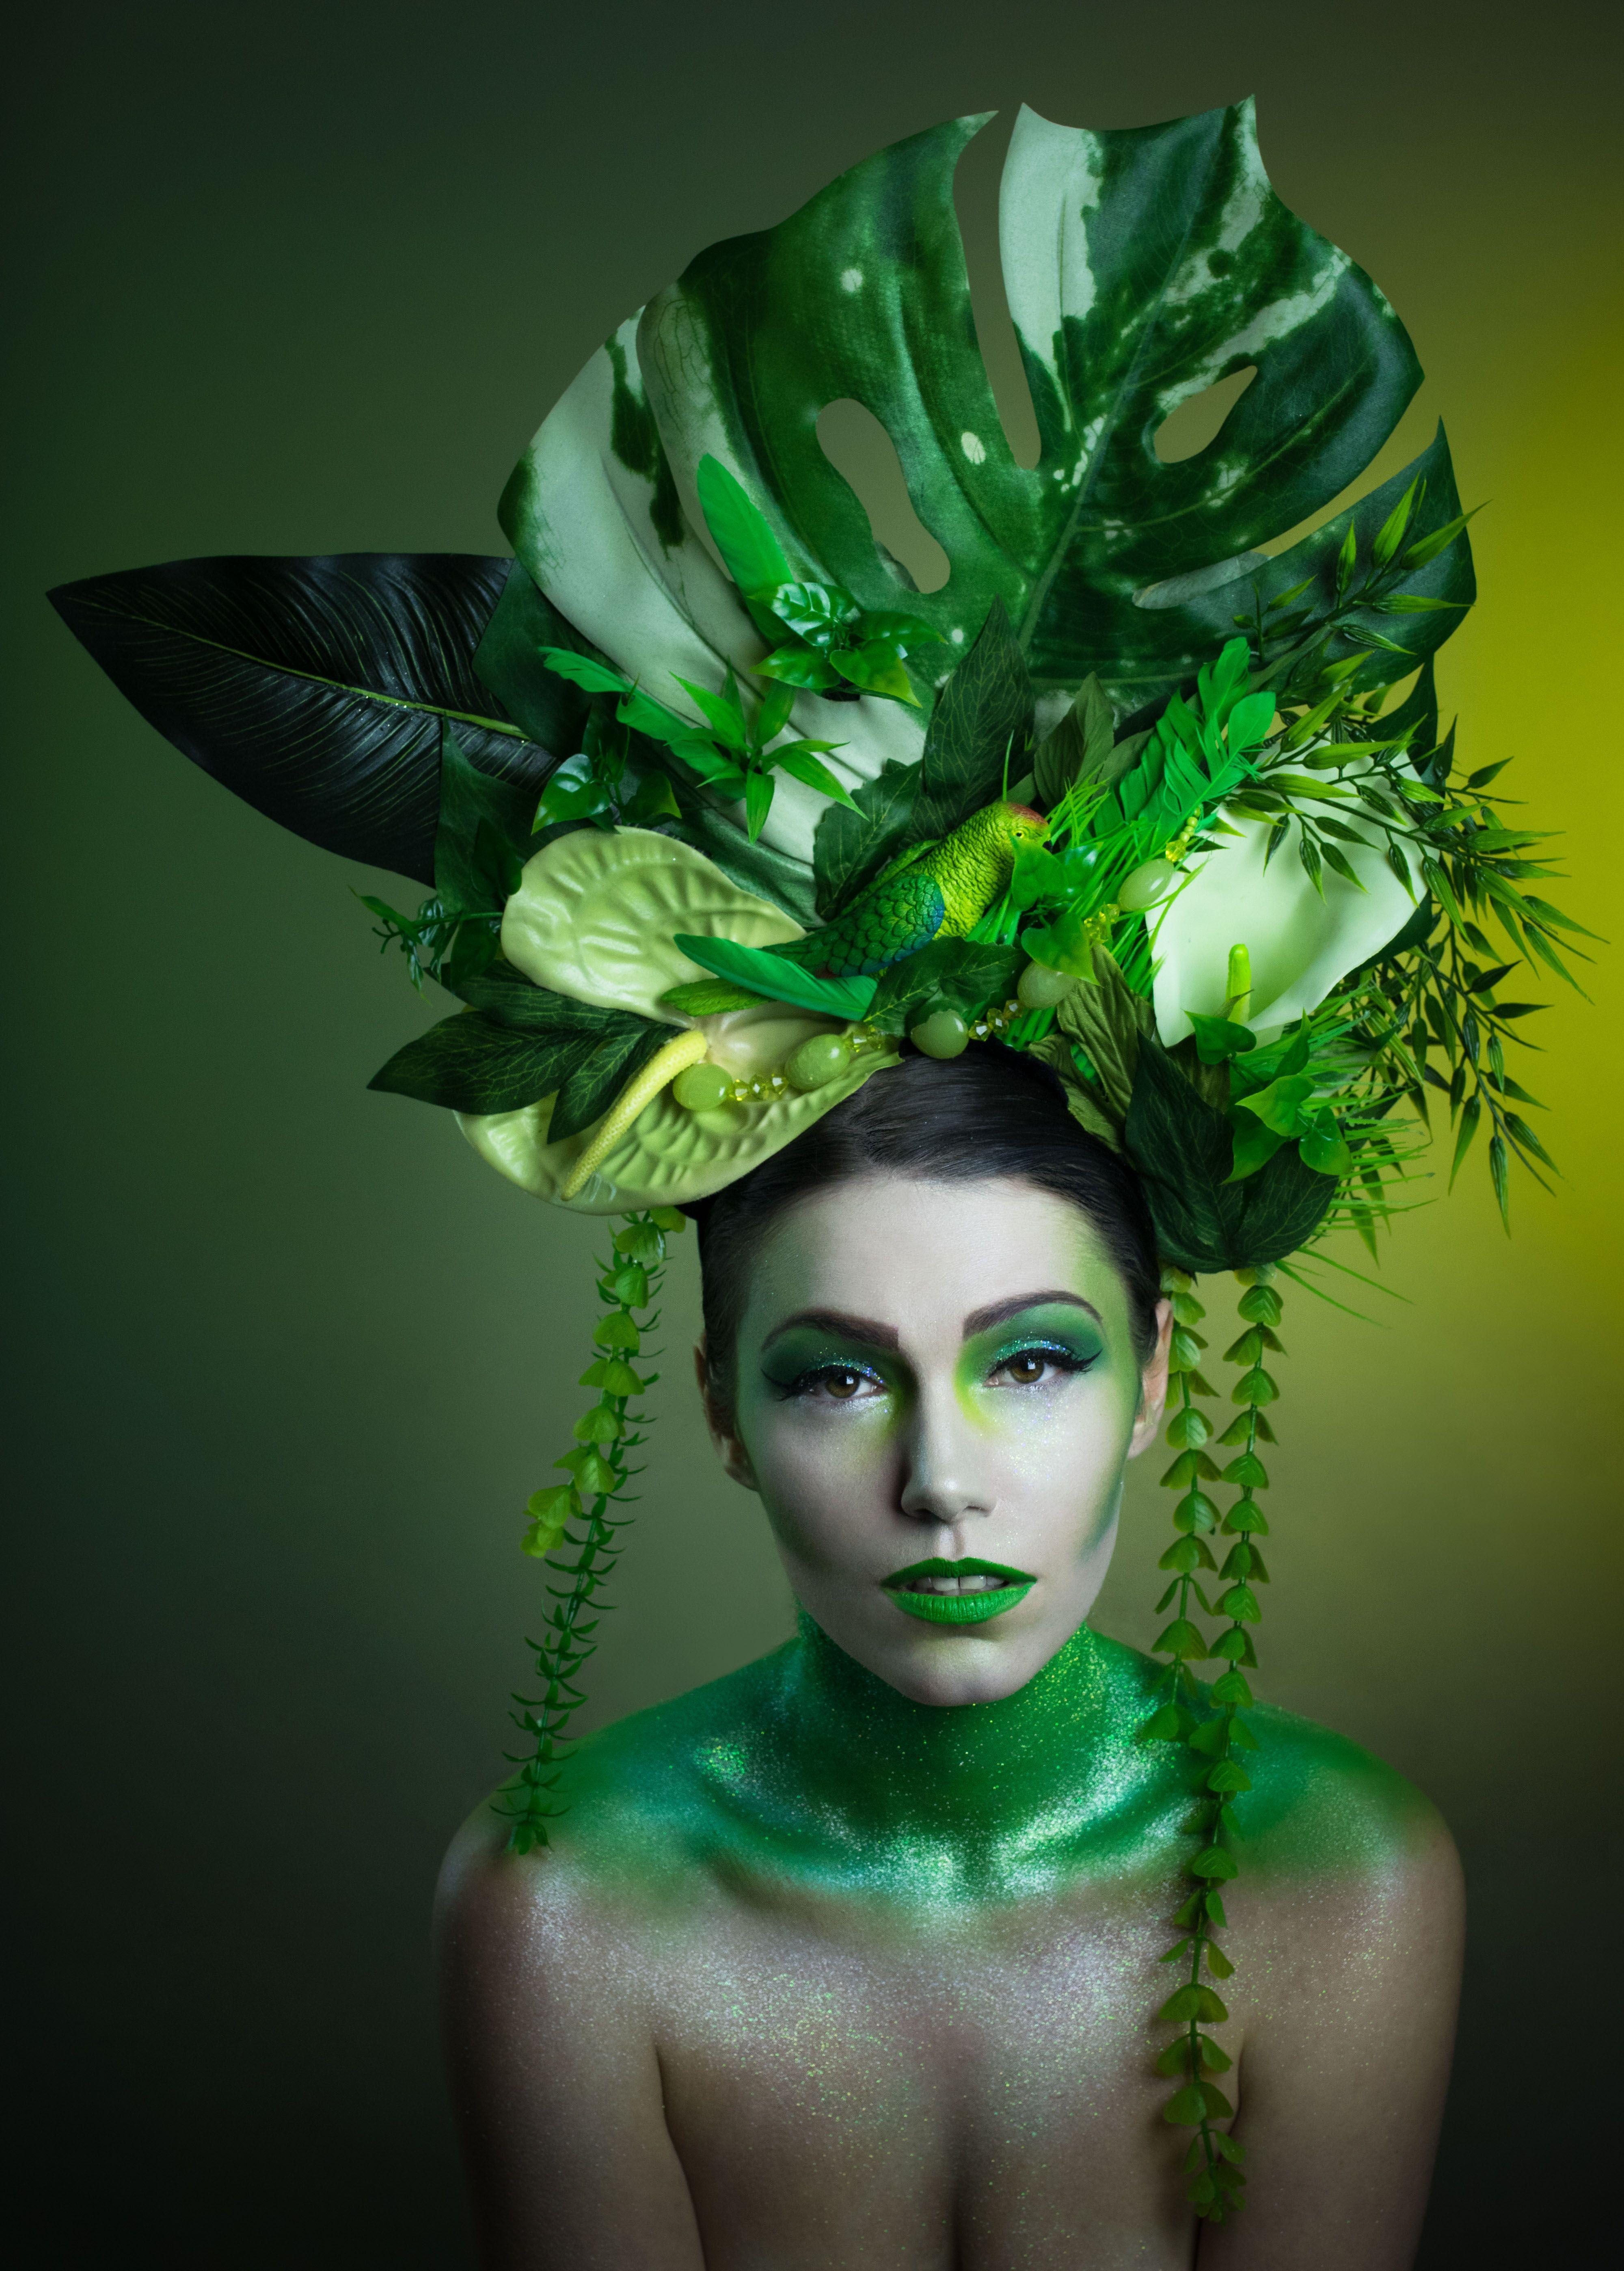 Tropical Rainforest Green Makeup And Headdress Joanna